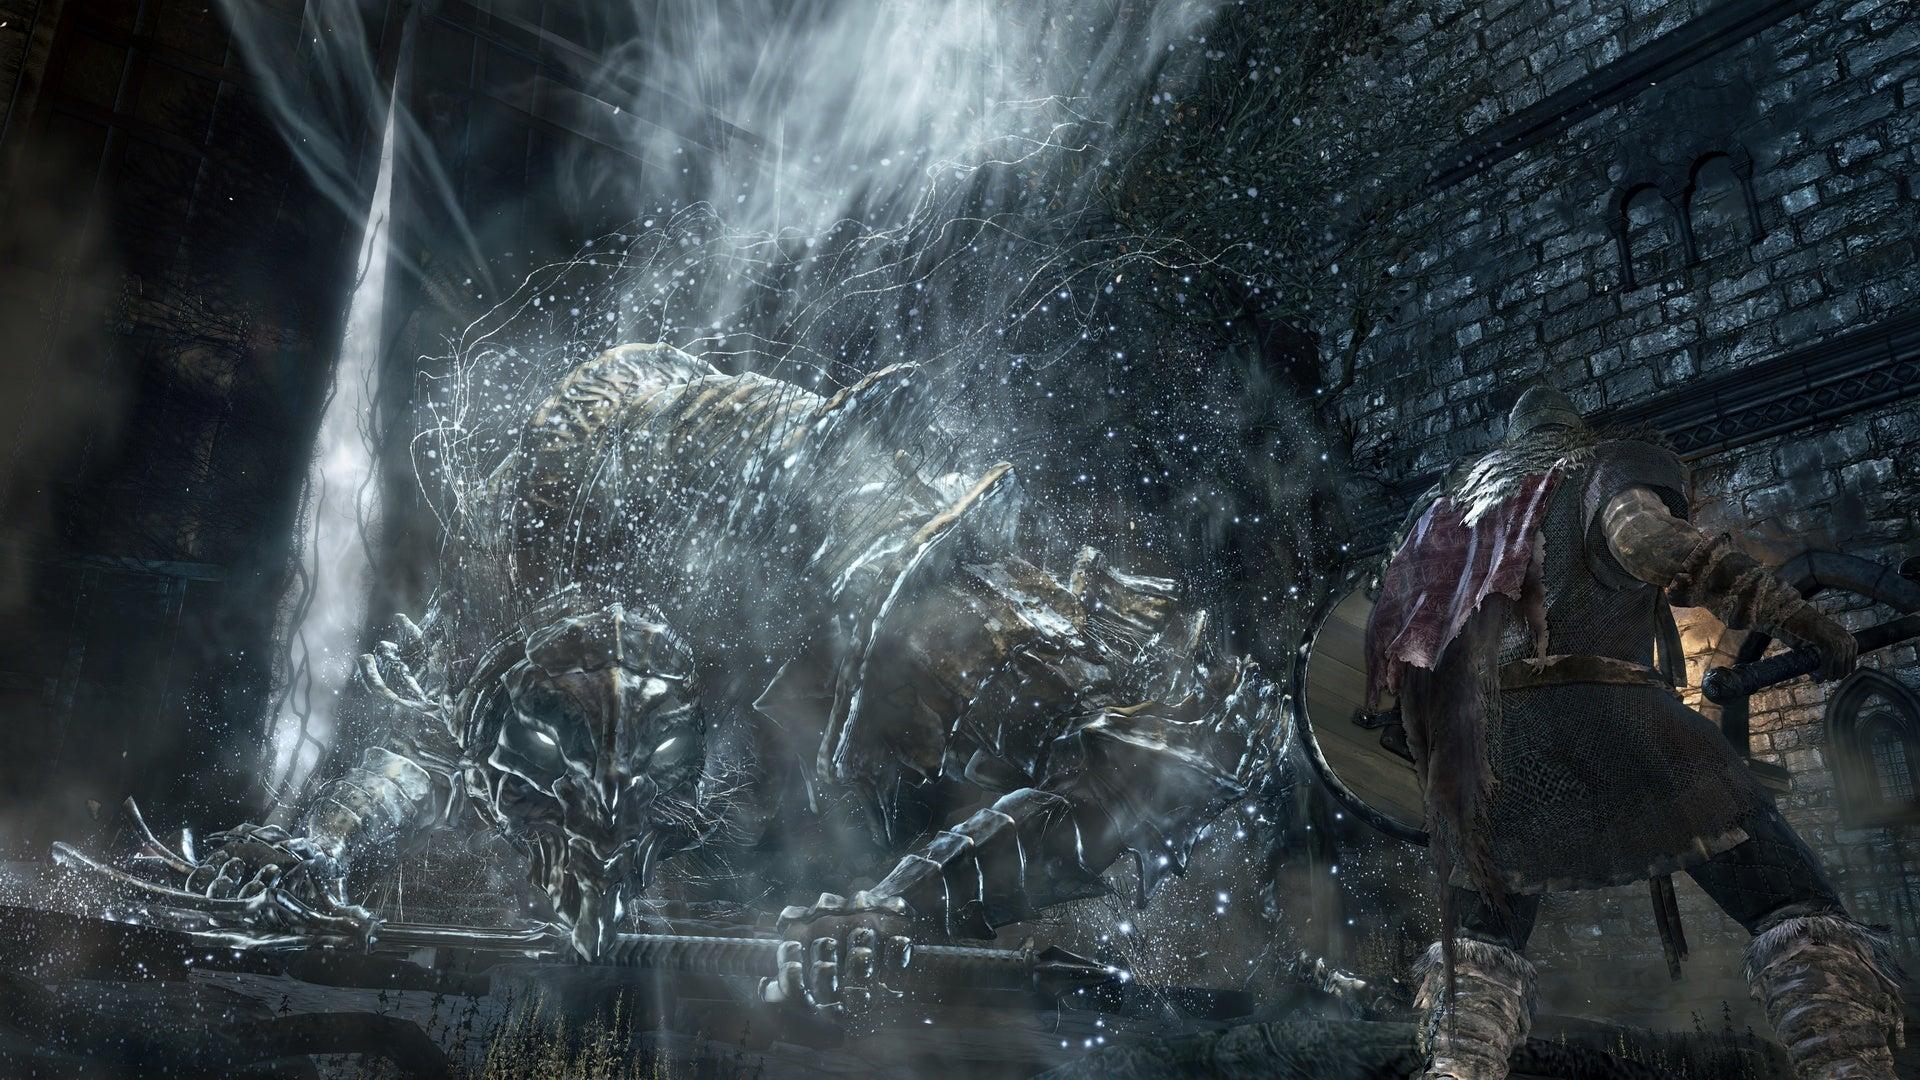 زیباترین عکس های بازی dark souls 3